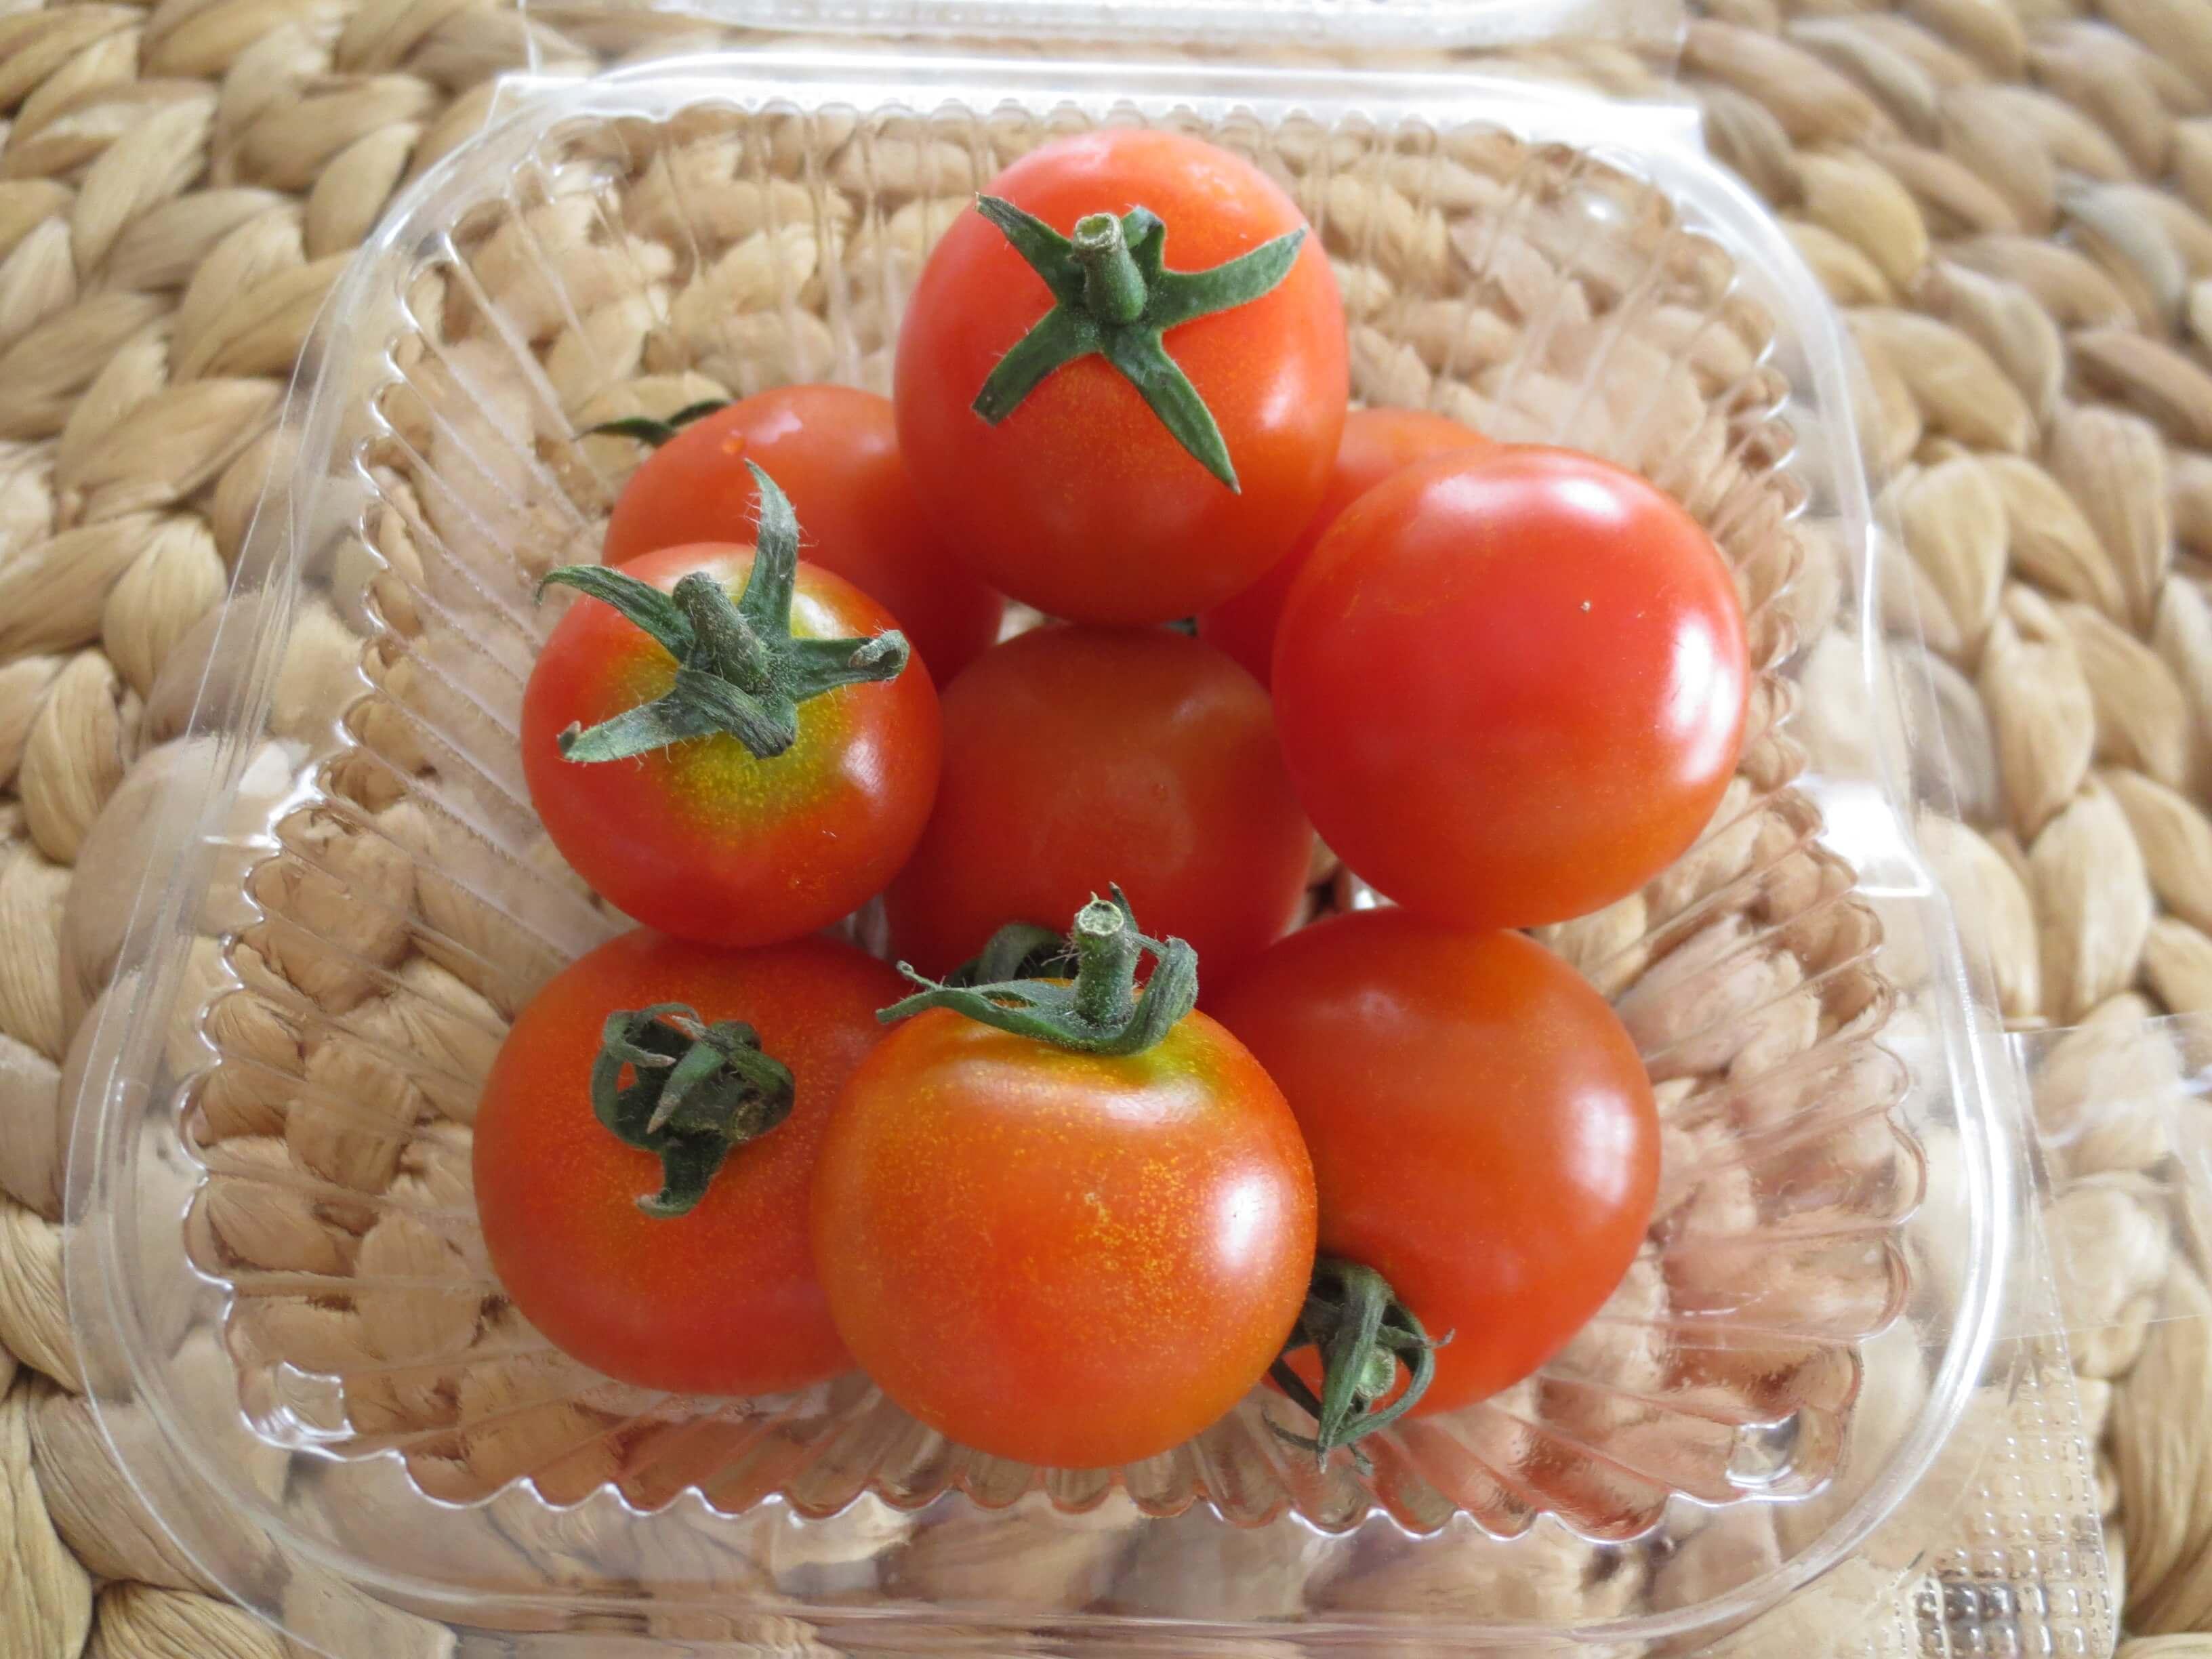 無農薬野菜のミレーお試しセット口コミ5